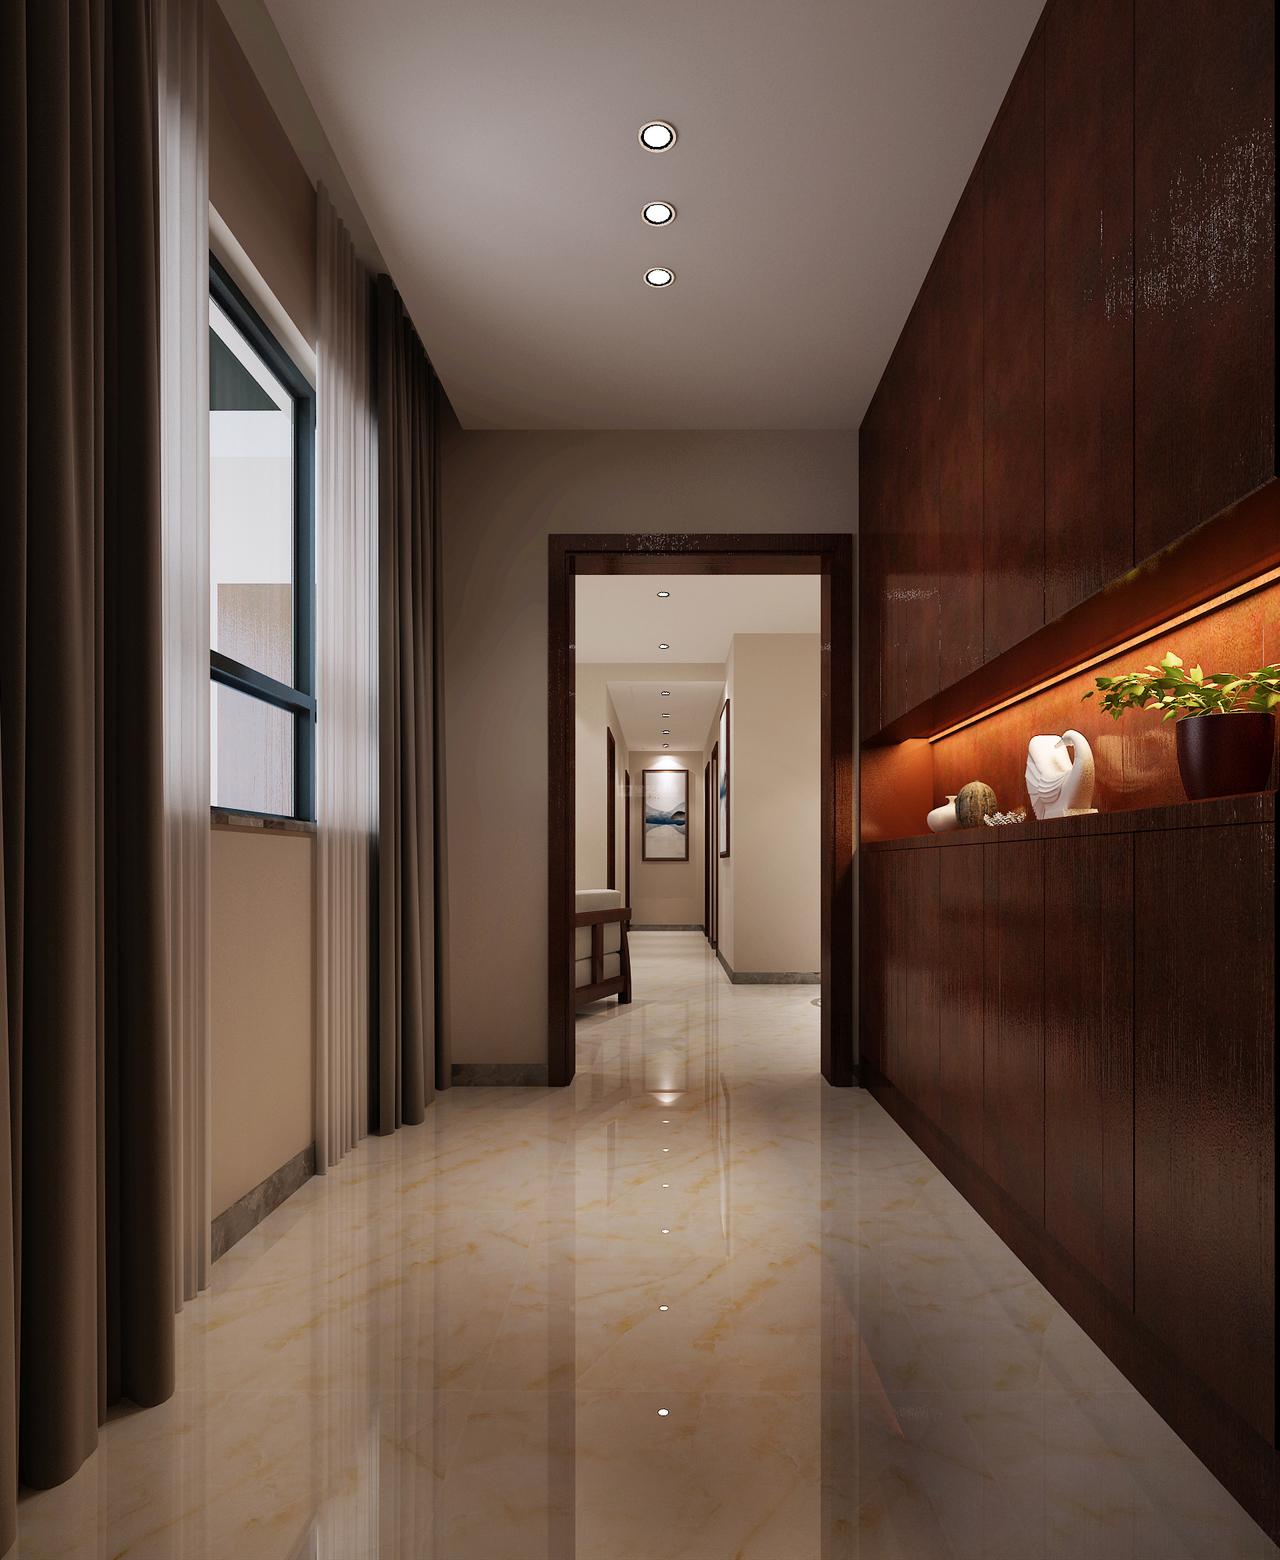 美的林城时代A新中式,美式,一居室,135.0㎡